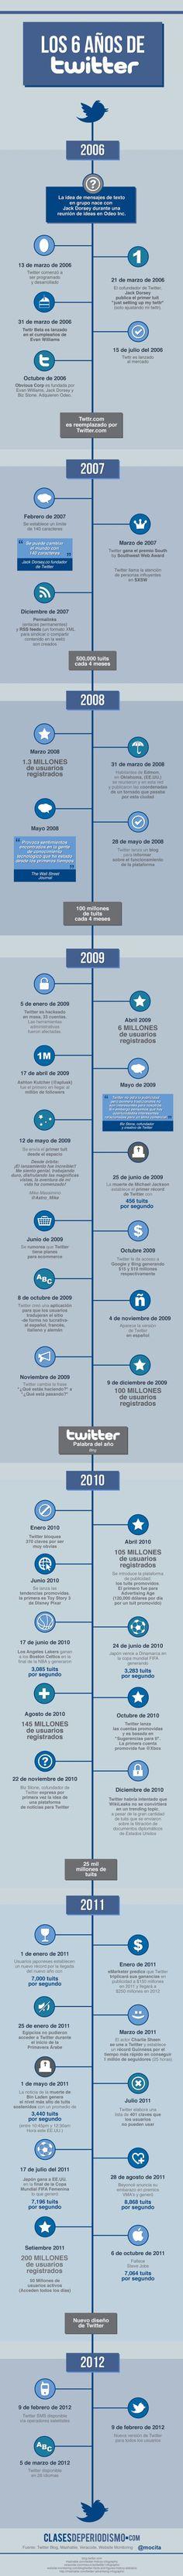 Infografía: Los 6 años de Twitter #cecntral #fleytong